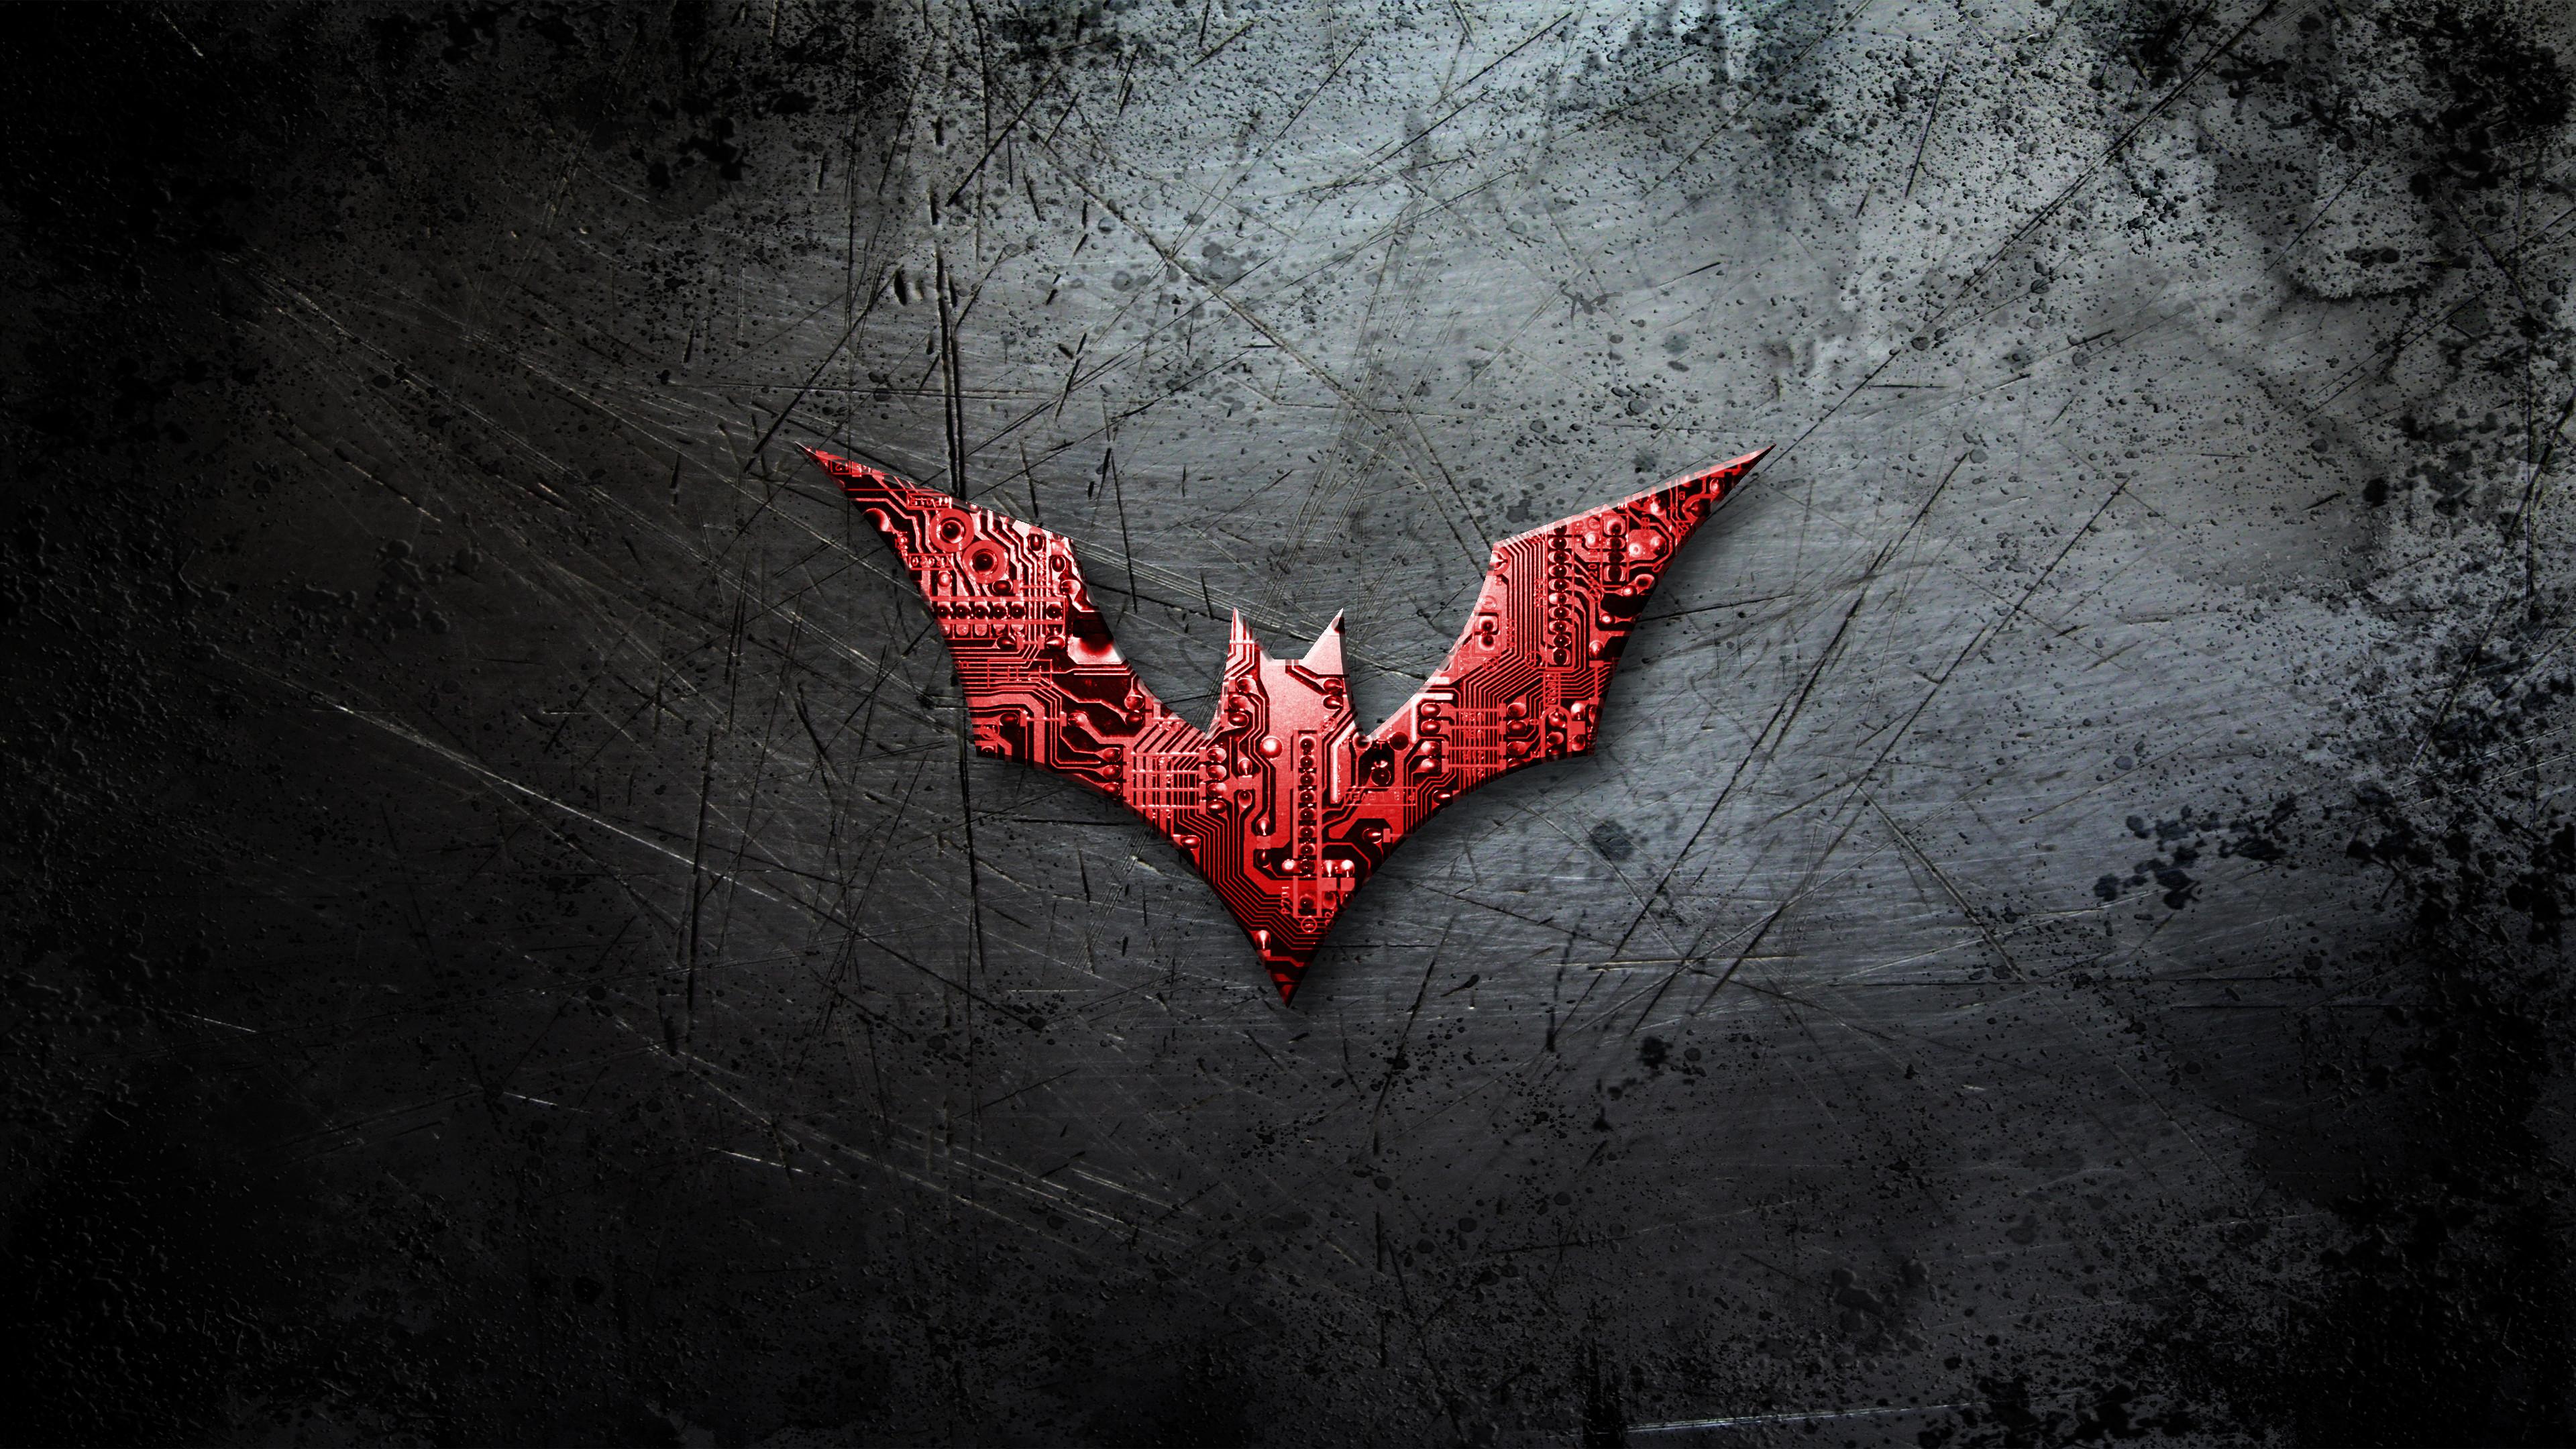 Batman Beyond Logo 4K UHD Wallpaper | Wallpapers.gg Batman Beyond Logo Wallpaper Hd